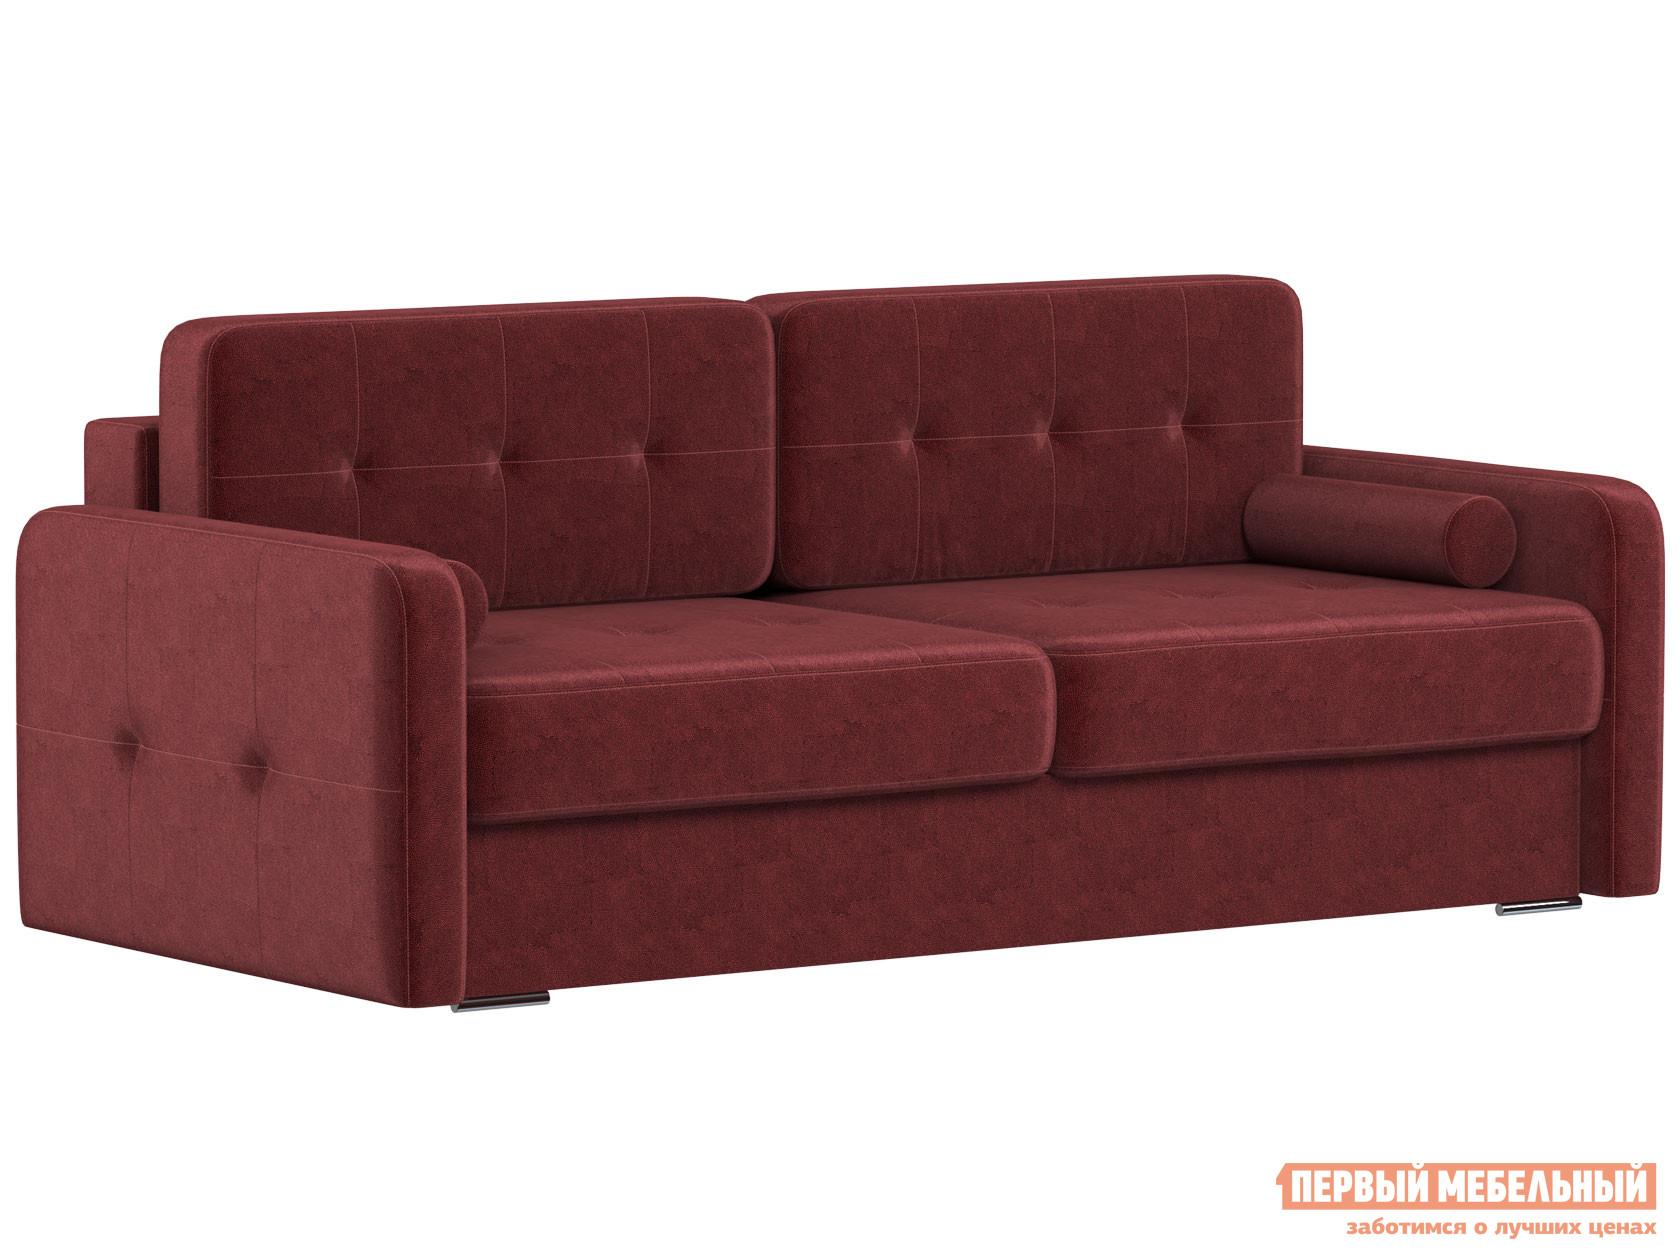 Прямой диван Первый Мебельный Диван Буено Люкс